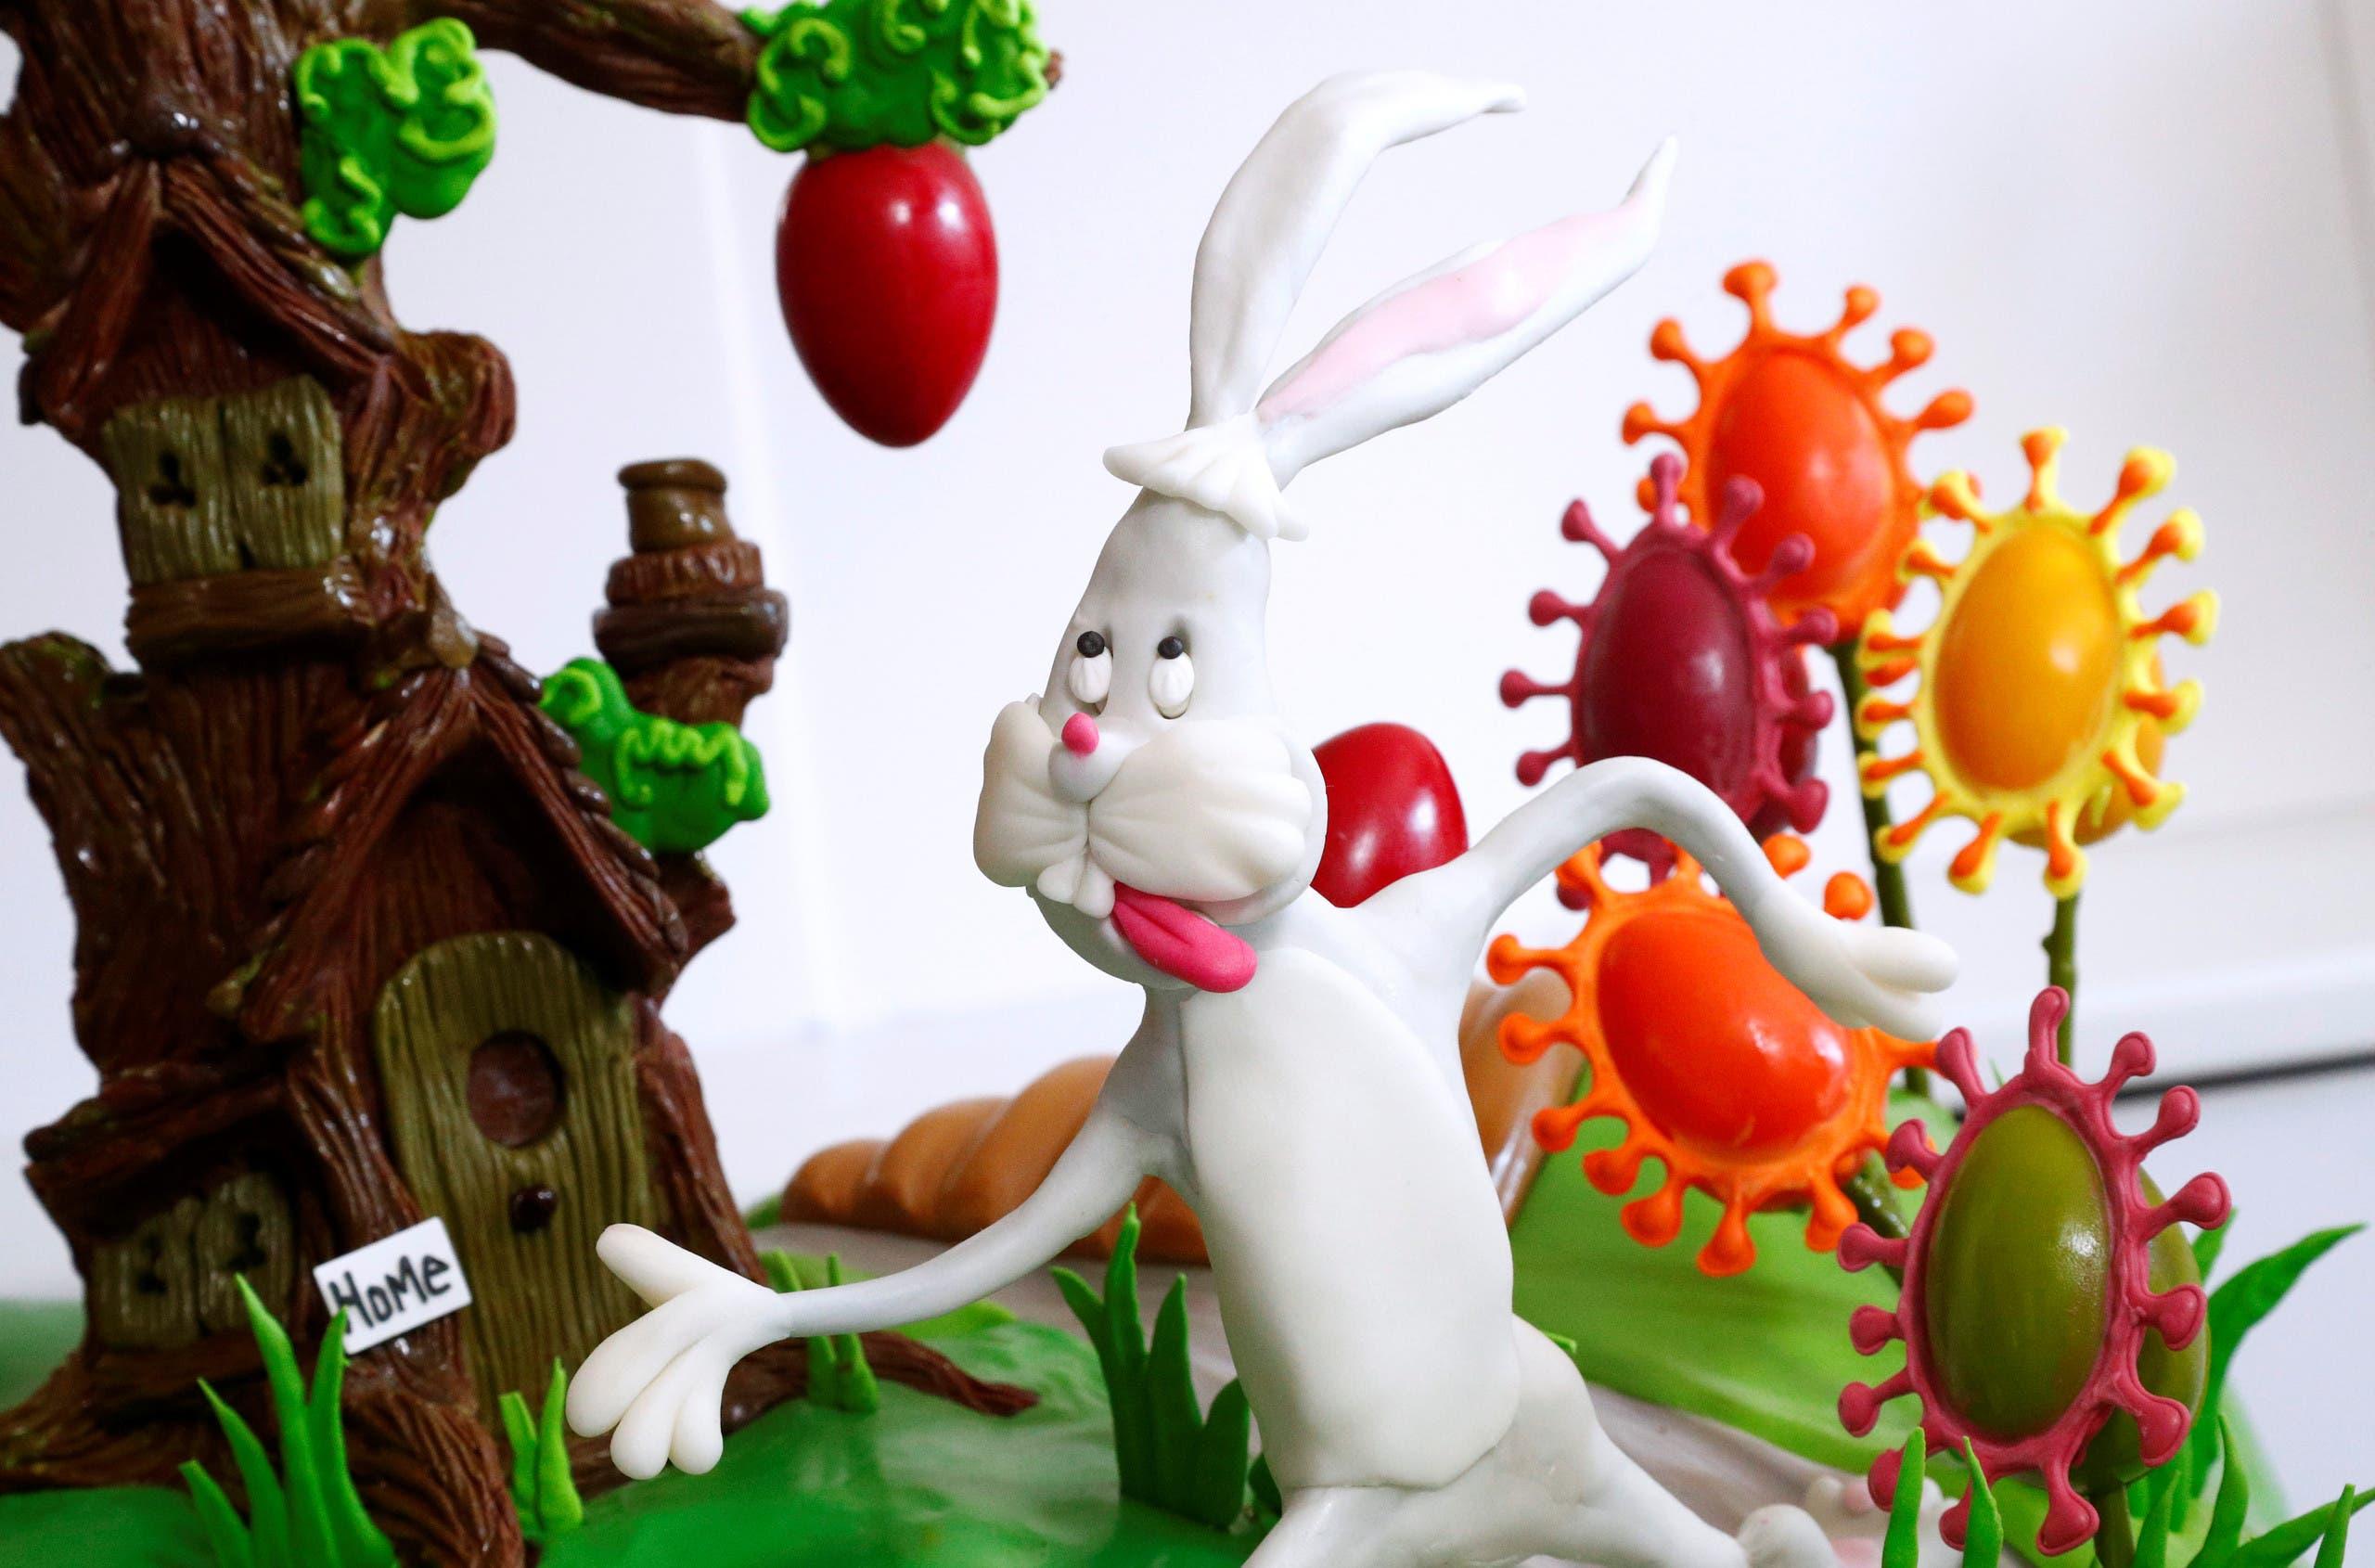 الأرنب يهرب من فيروس كورونا في لوحة الشيف مايكل لويس أندرسون